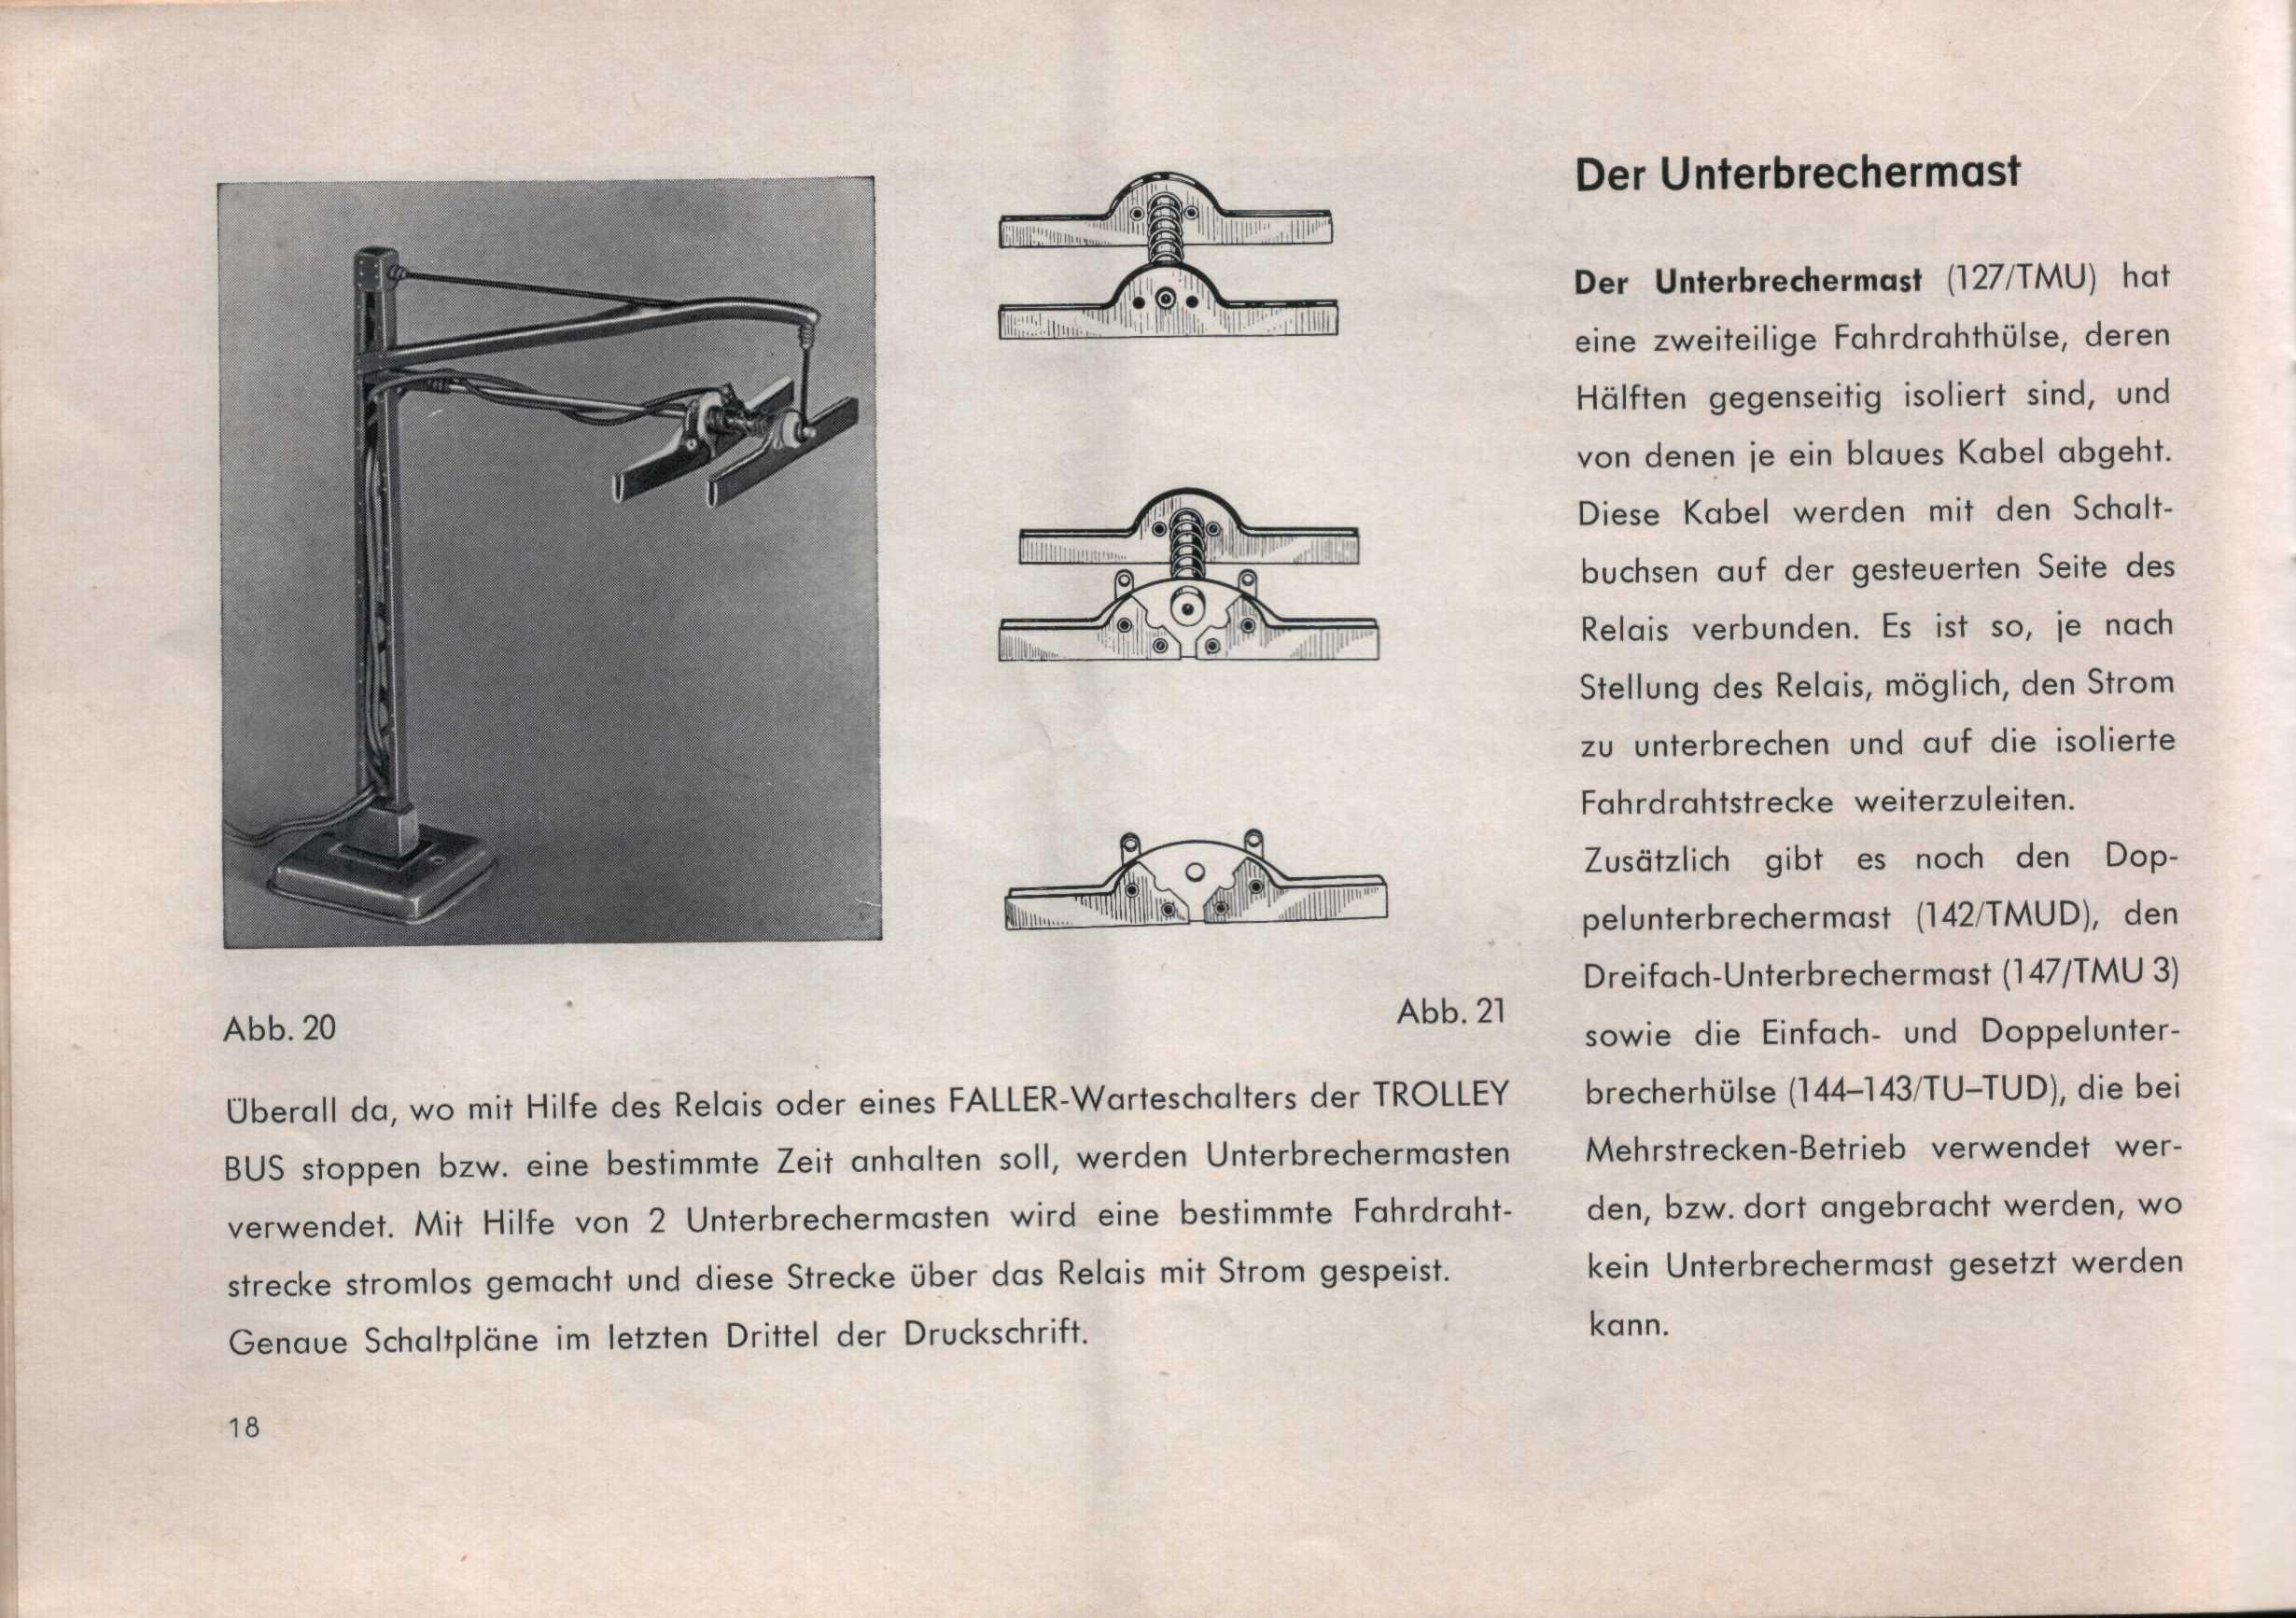 Niedlich Ausdehnungsgefäßdruck Der Zentralheizungsanlage Fotos - Der ...